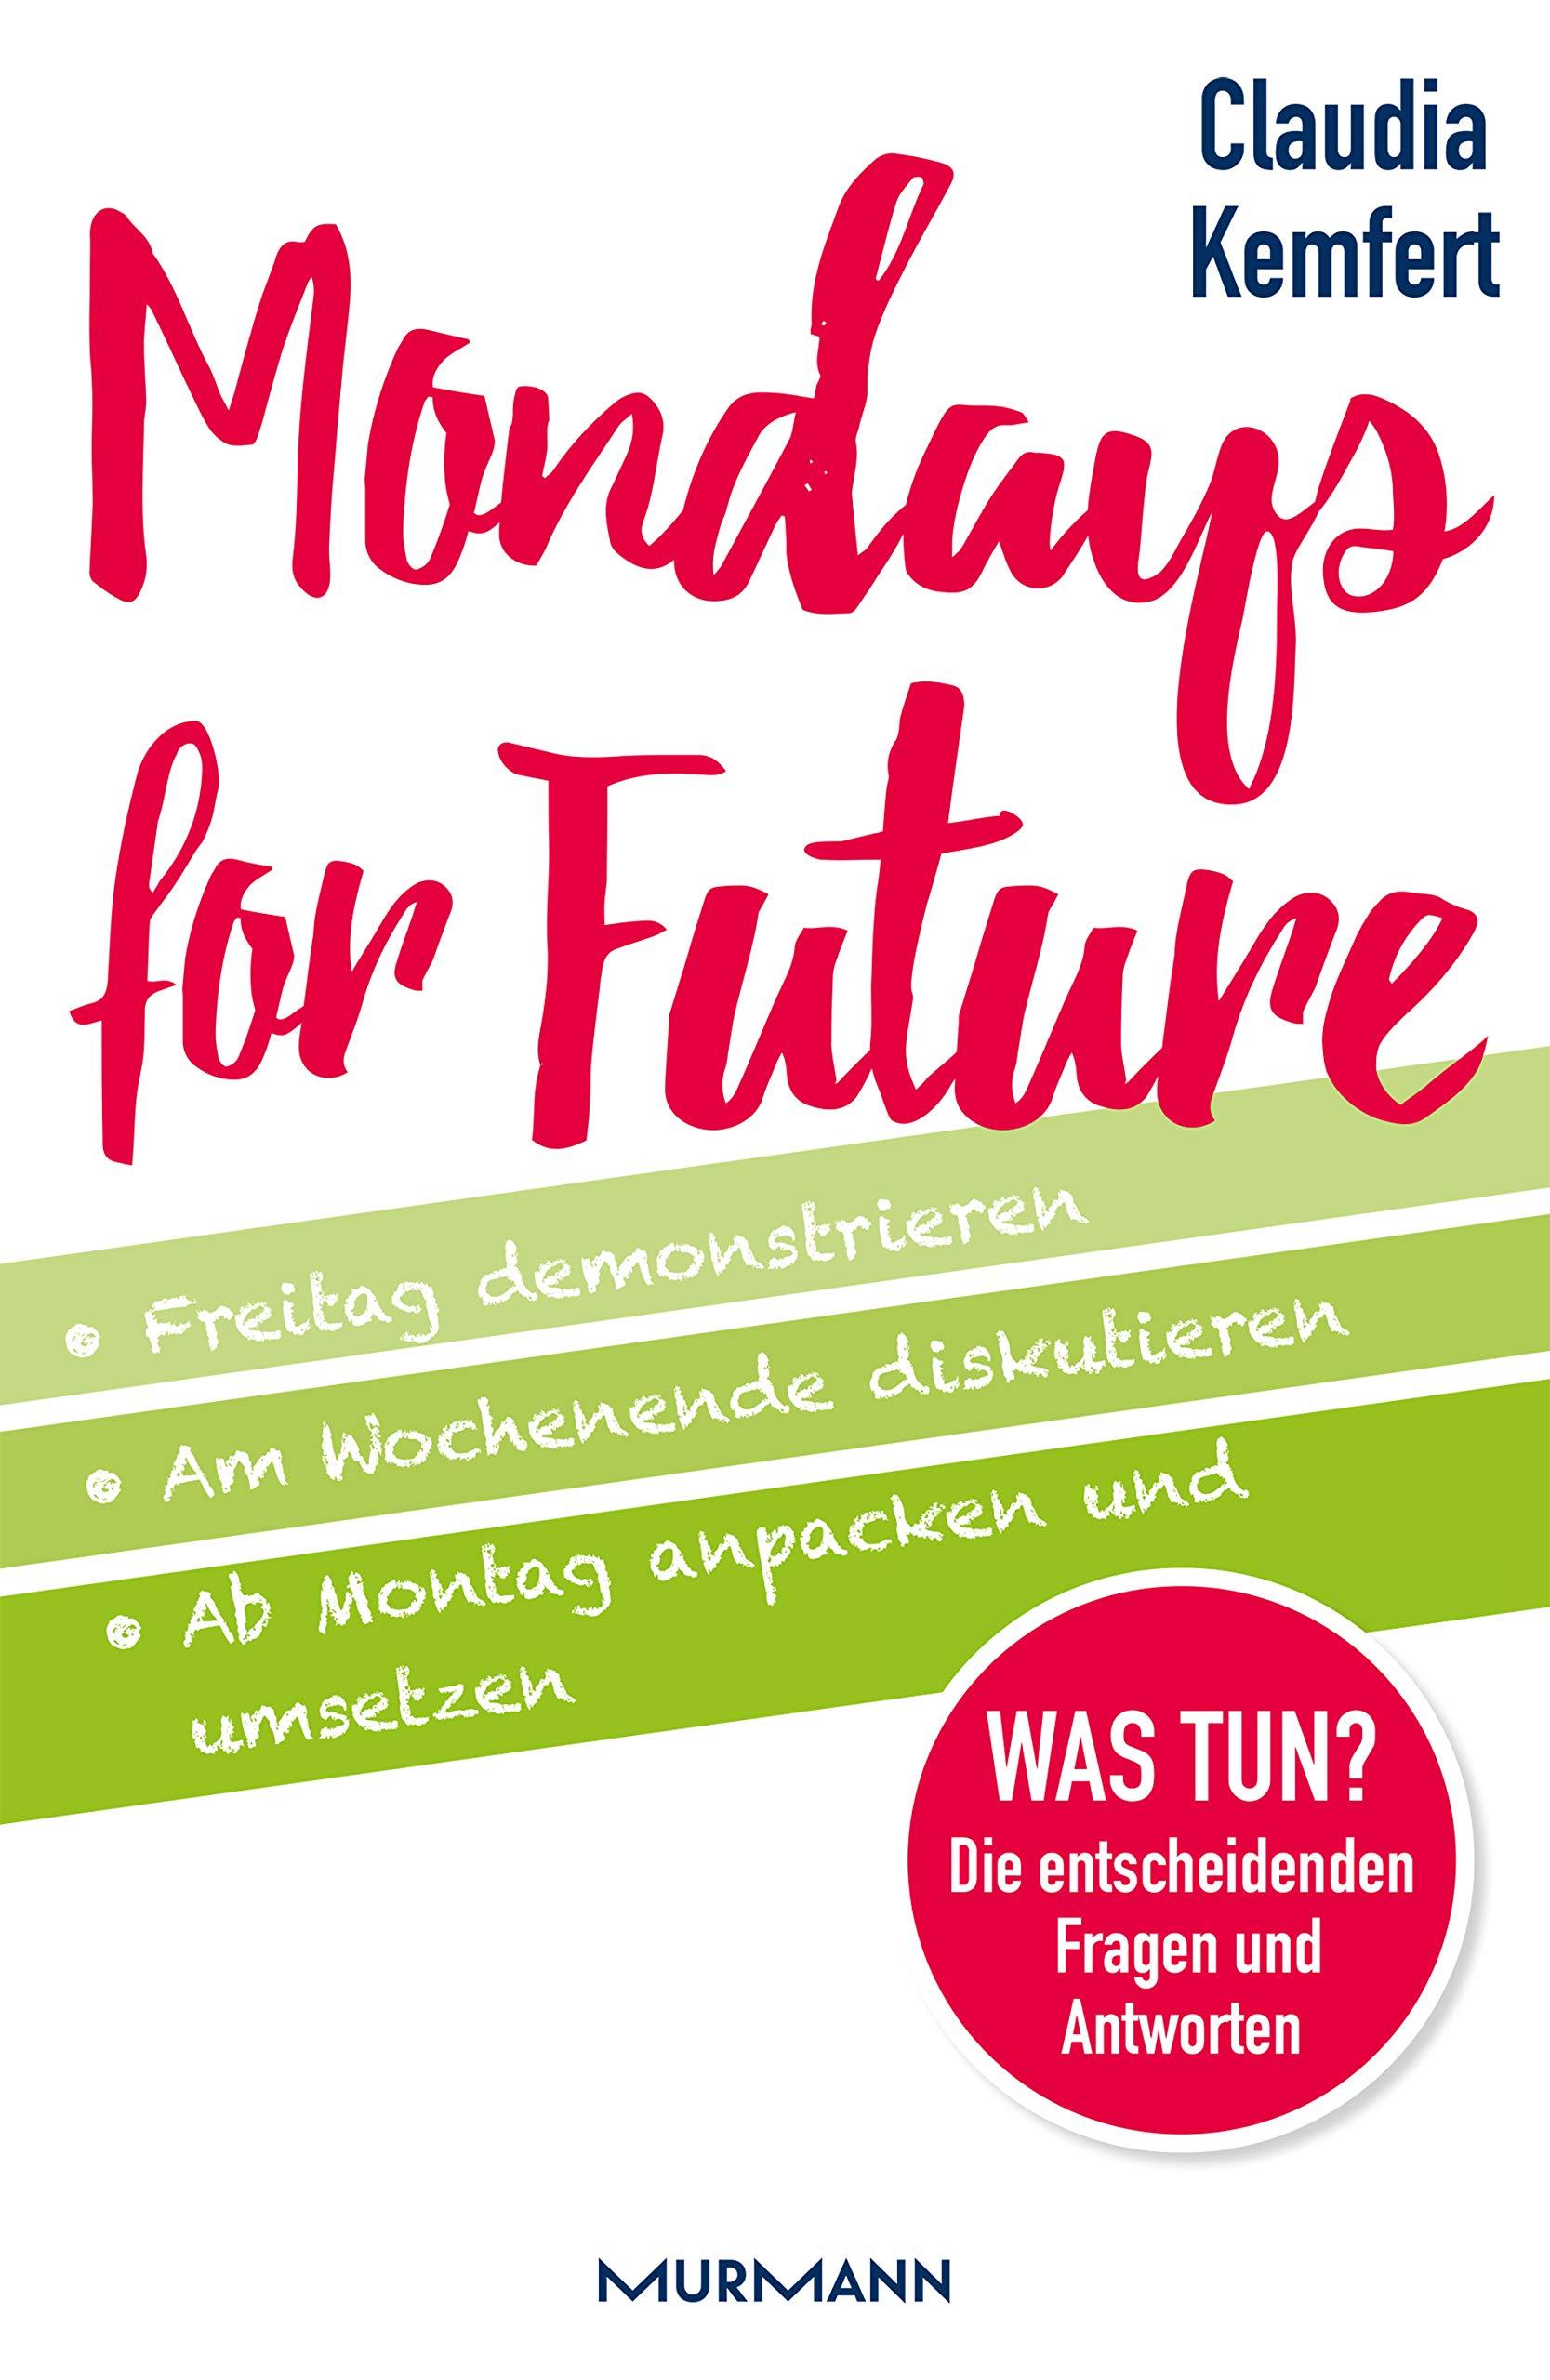 Mondays for Future: Freitag demonstrieren, am Wochenende diskutieren und ab Montag anpacken und umsetzen.